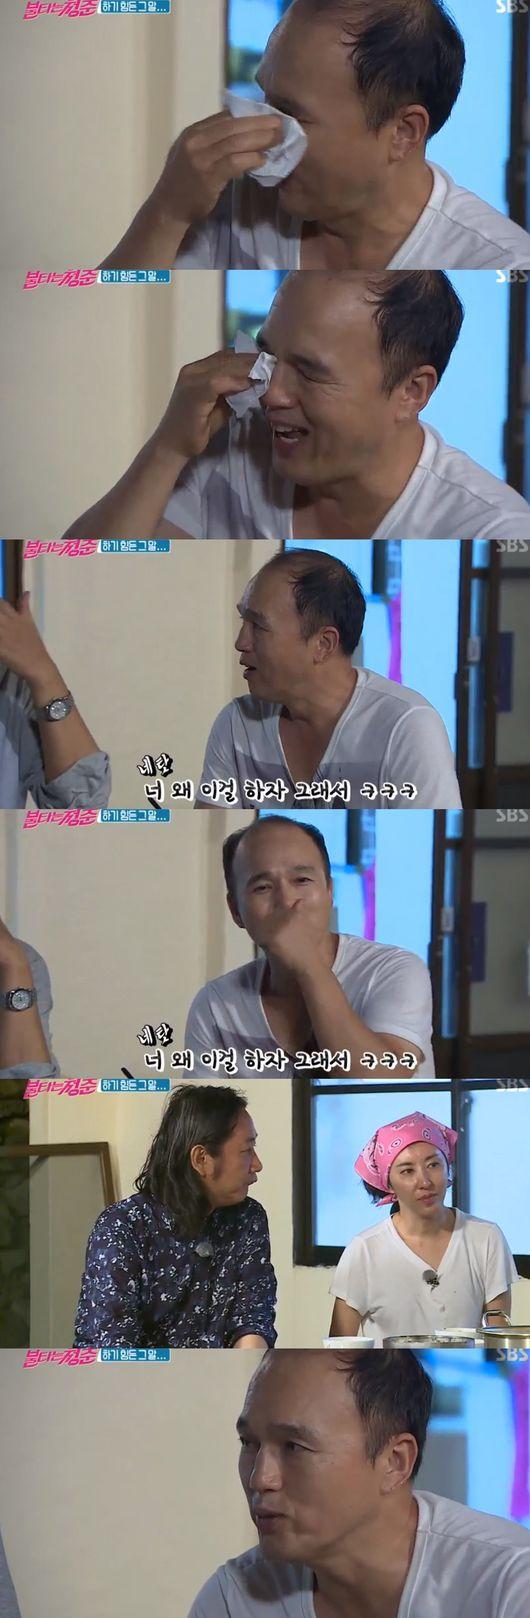 불청 김광규 父, 돌아가시고 나니 생각 많이 난다 눈물[어저께TV]